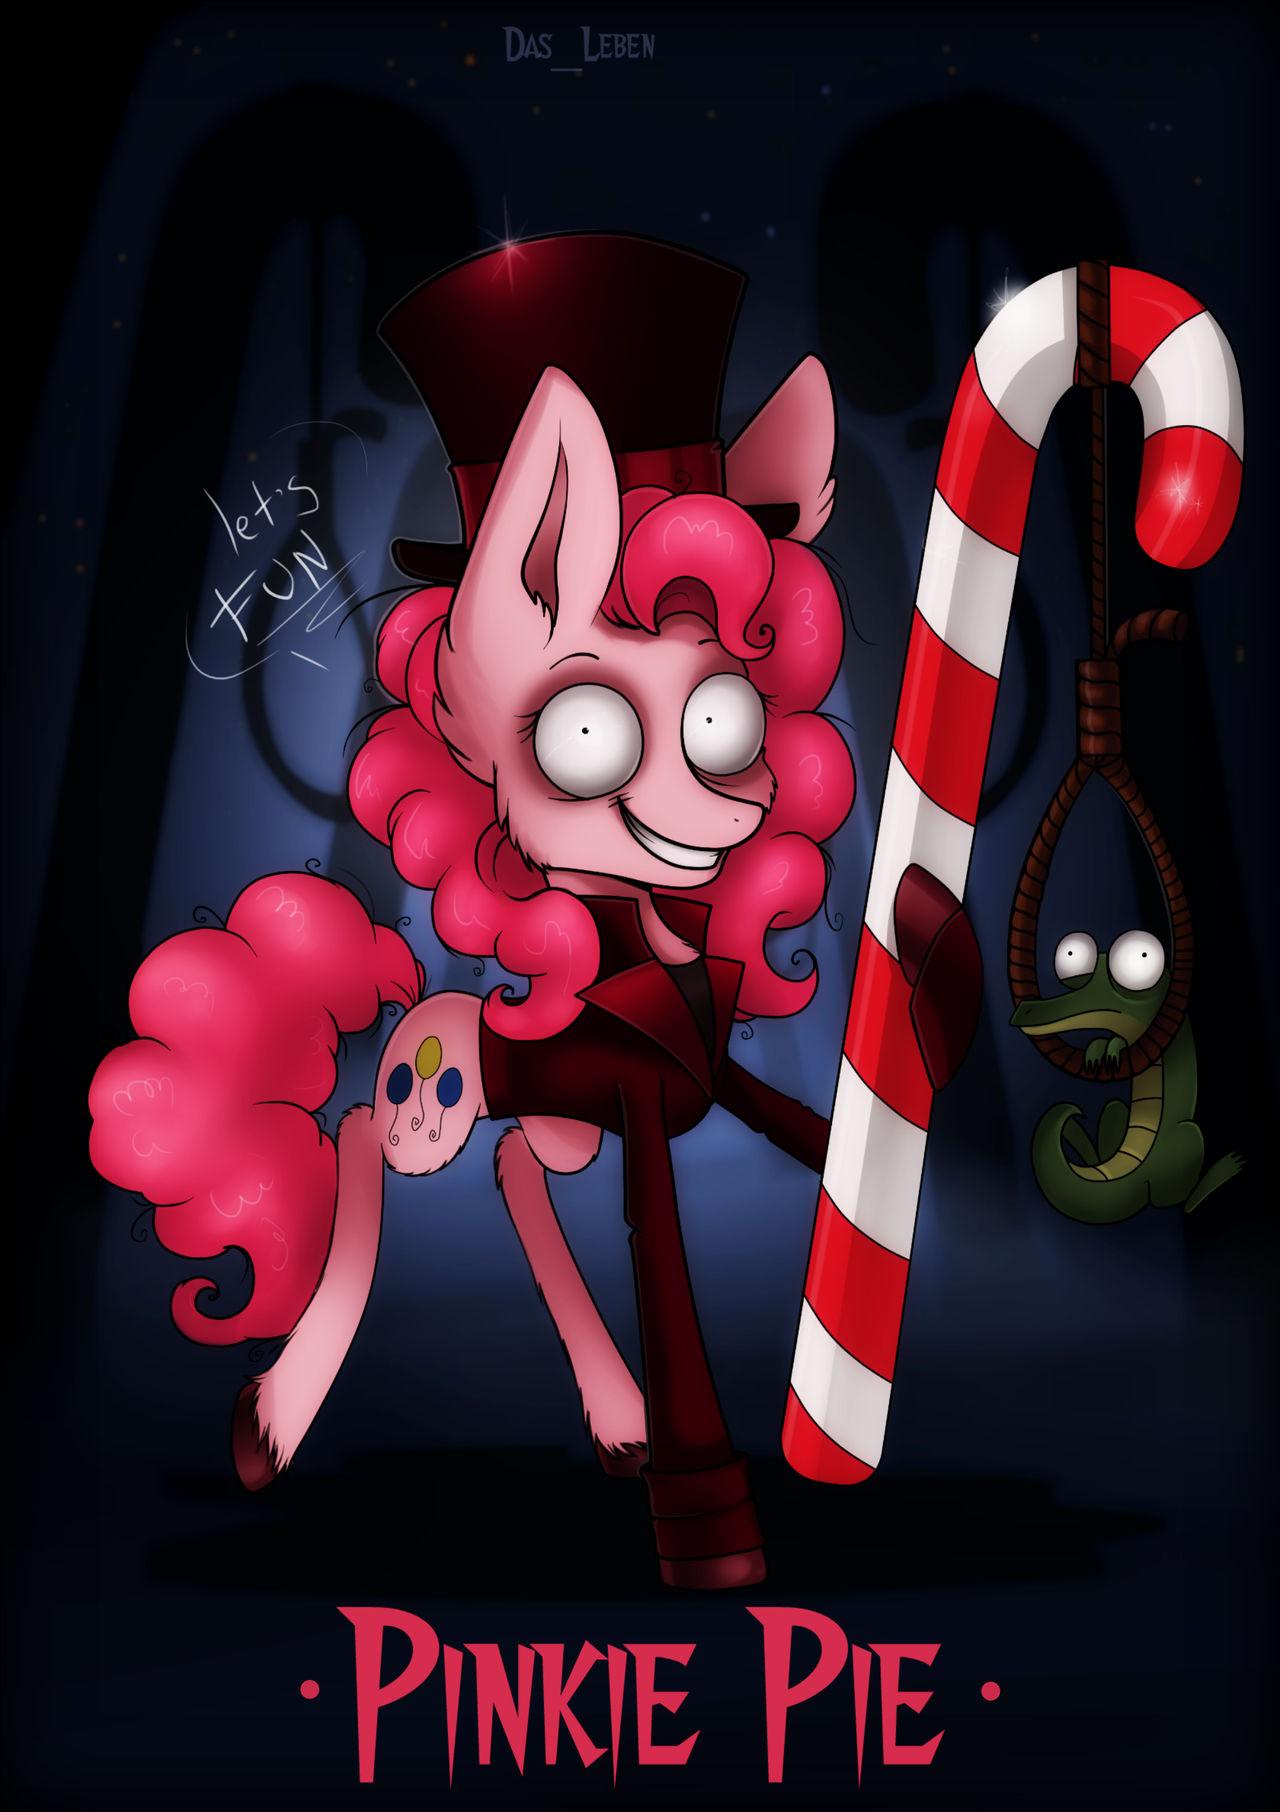 Pinkie Pie by Burton style by Das-Leben